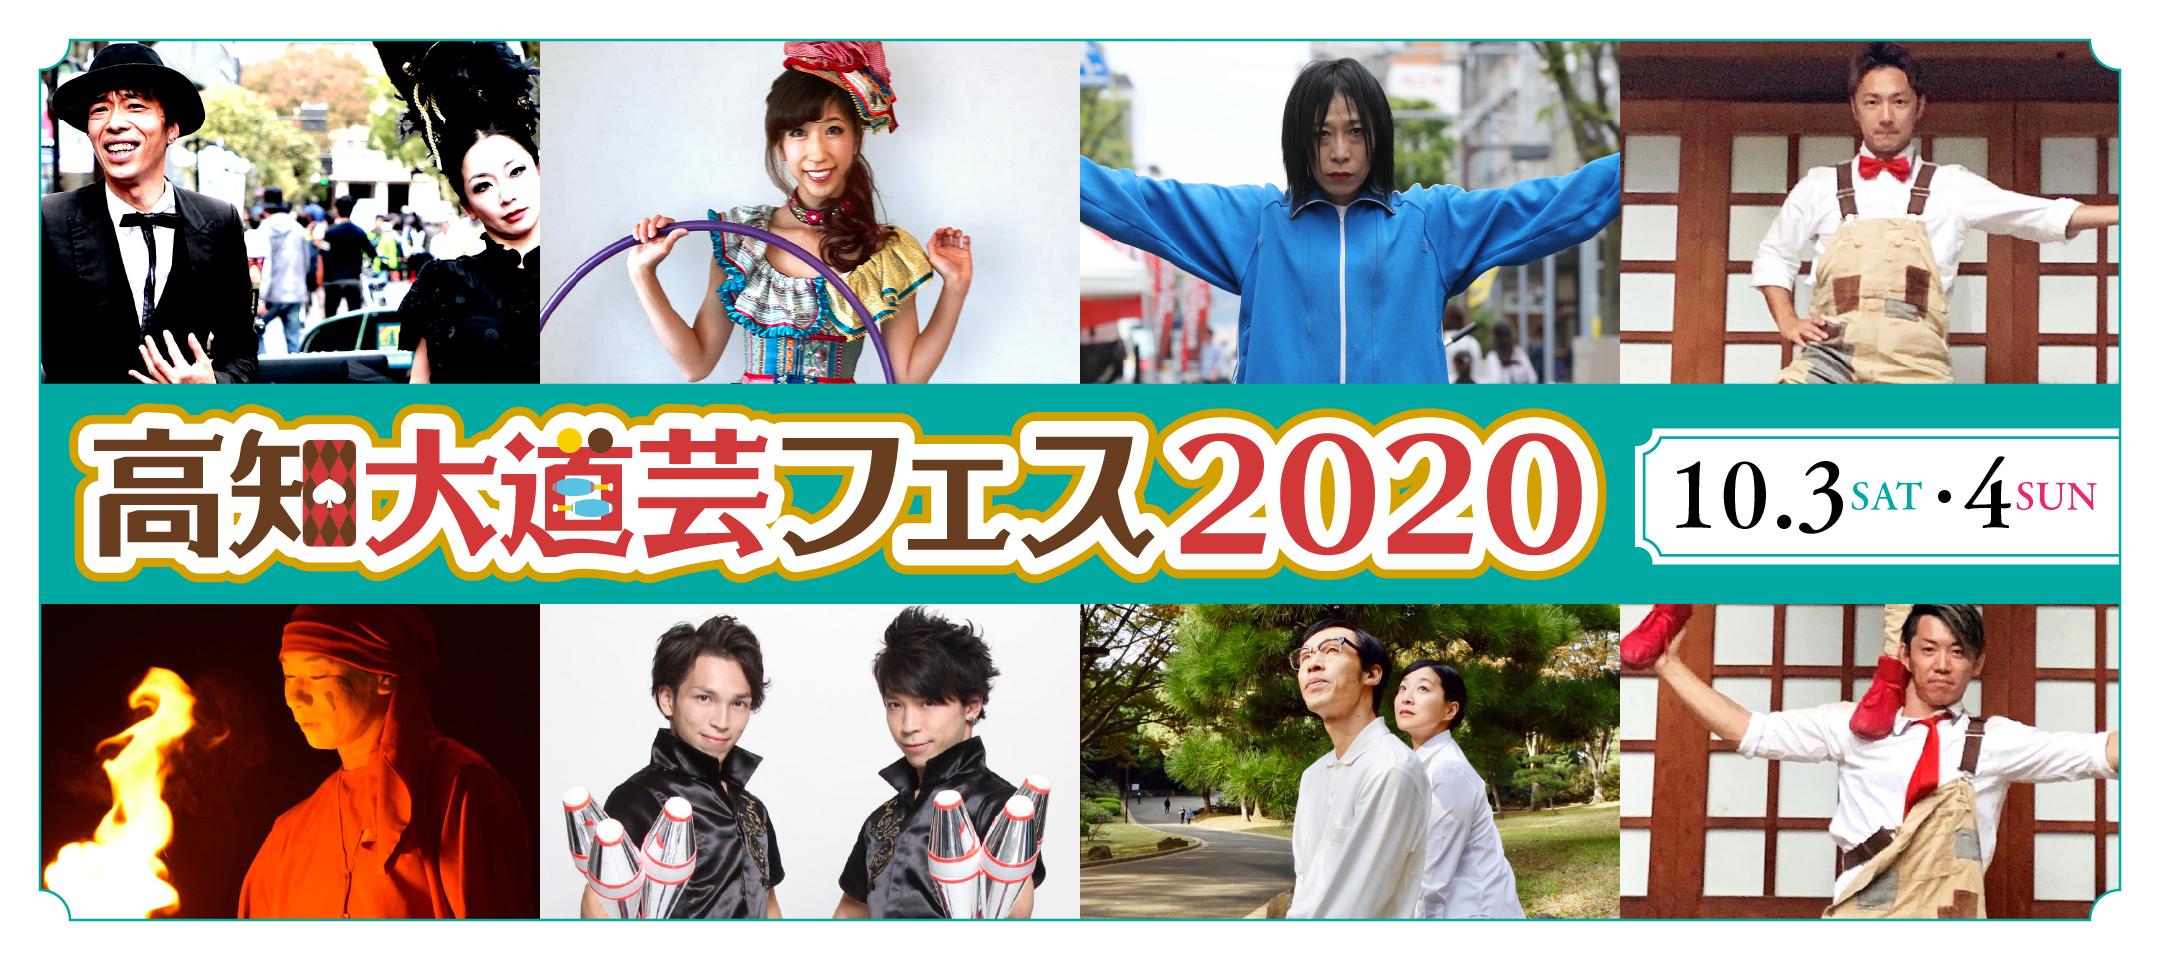 slide_2020-2